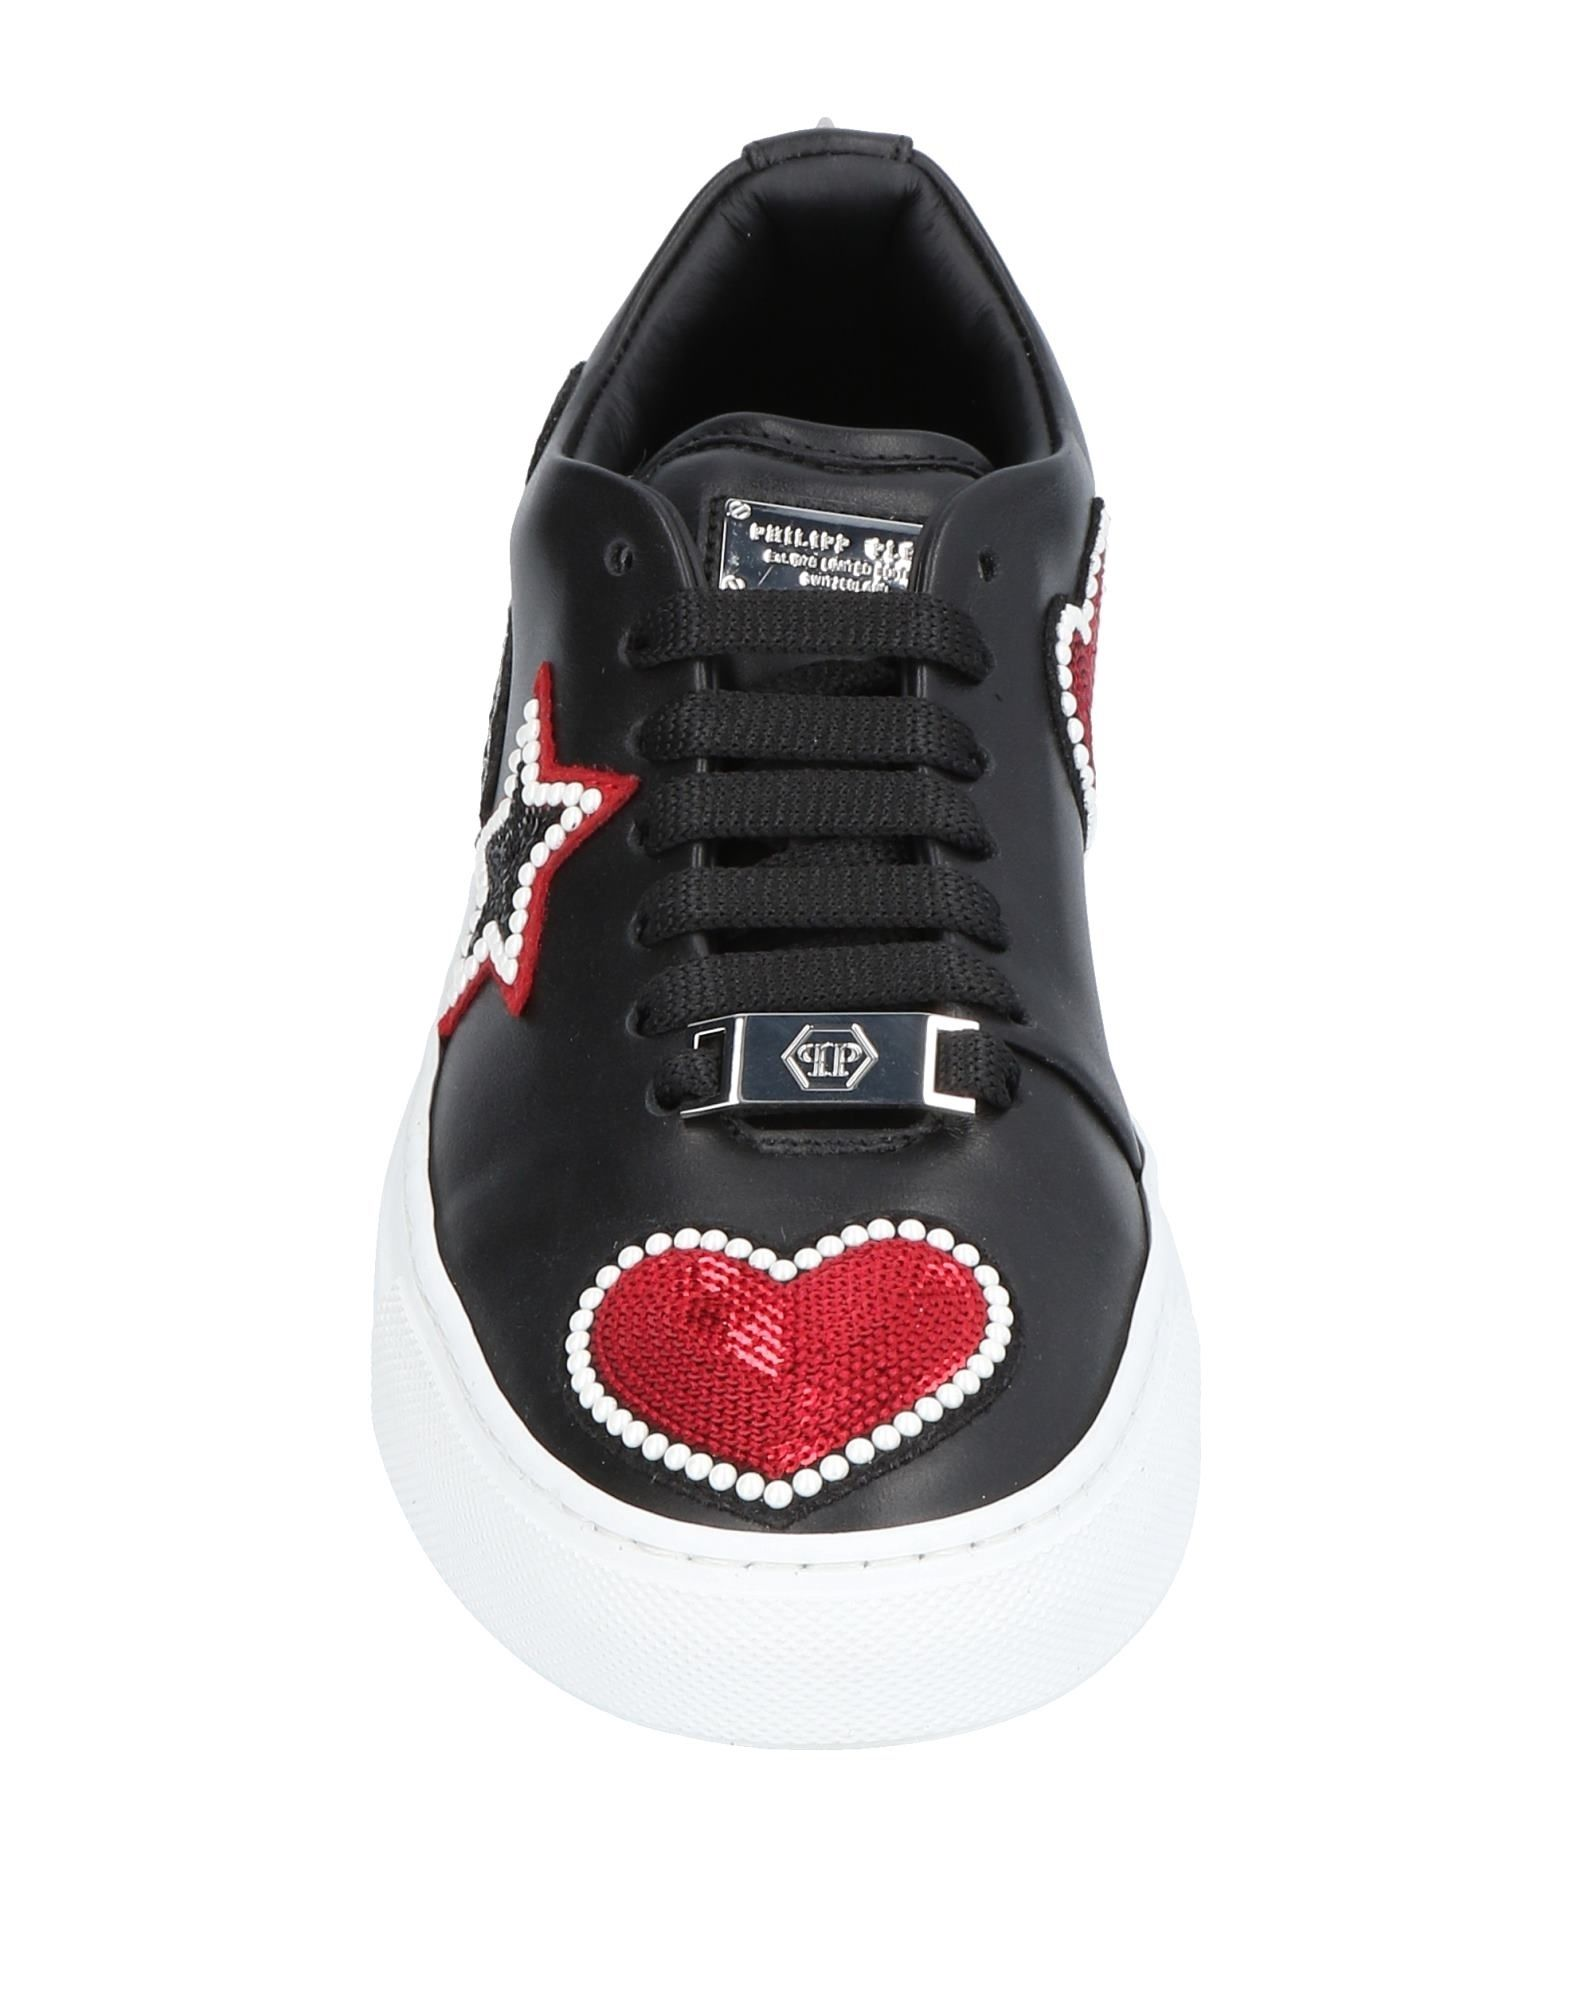 Rabatt Schuhe Philipp Plein Sneakers Damen  11463014SN